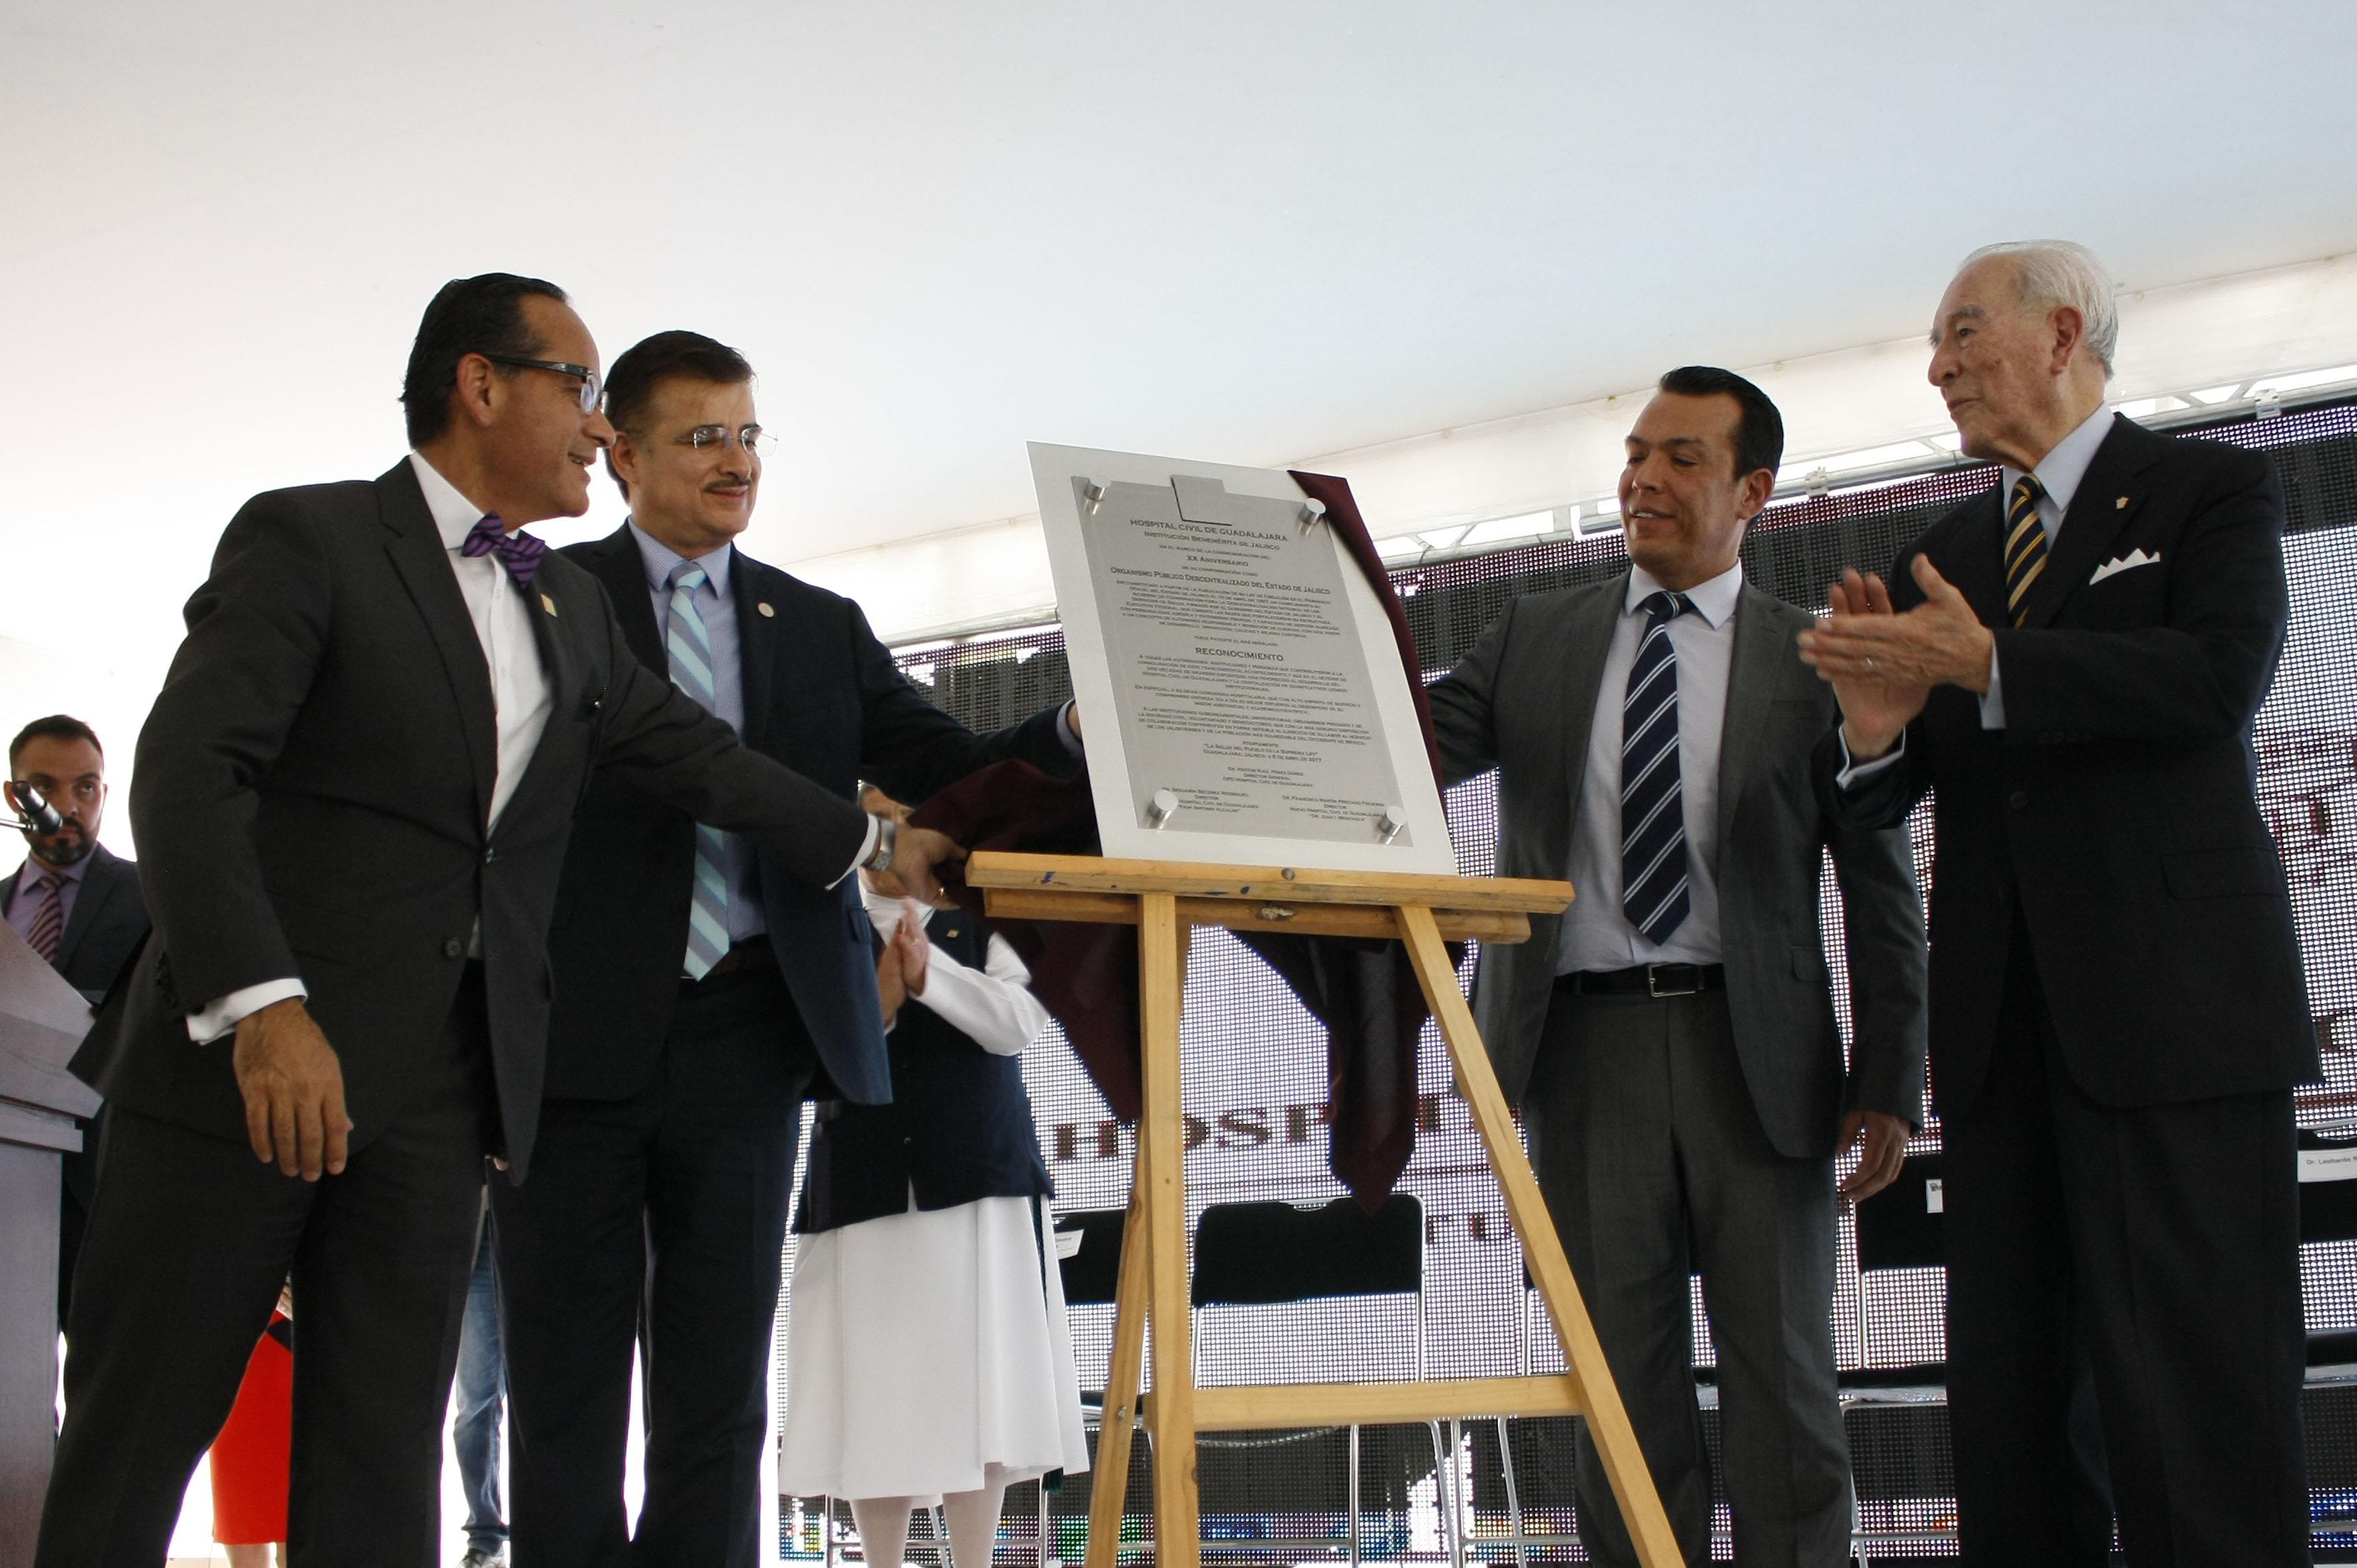 Develación de placa de reconocimiento, para el Organismo Público Descentralizado de los Hospitales Civiles de Guadalajara, por sus 20 años de atención y formación médica.